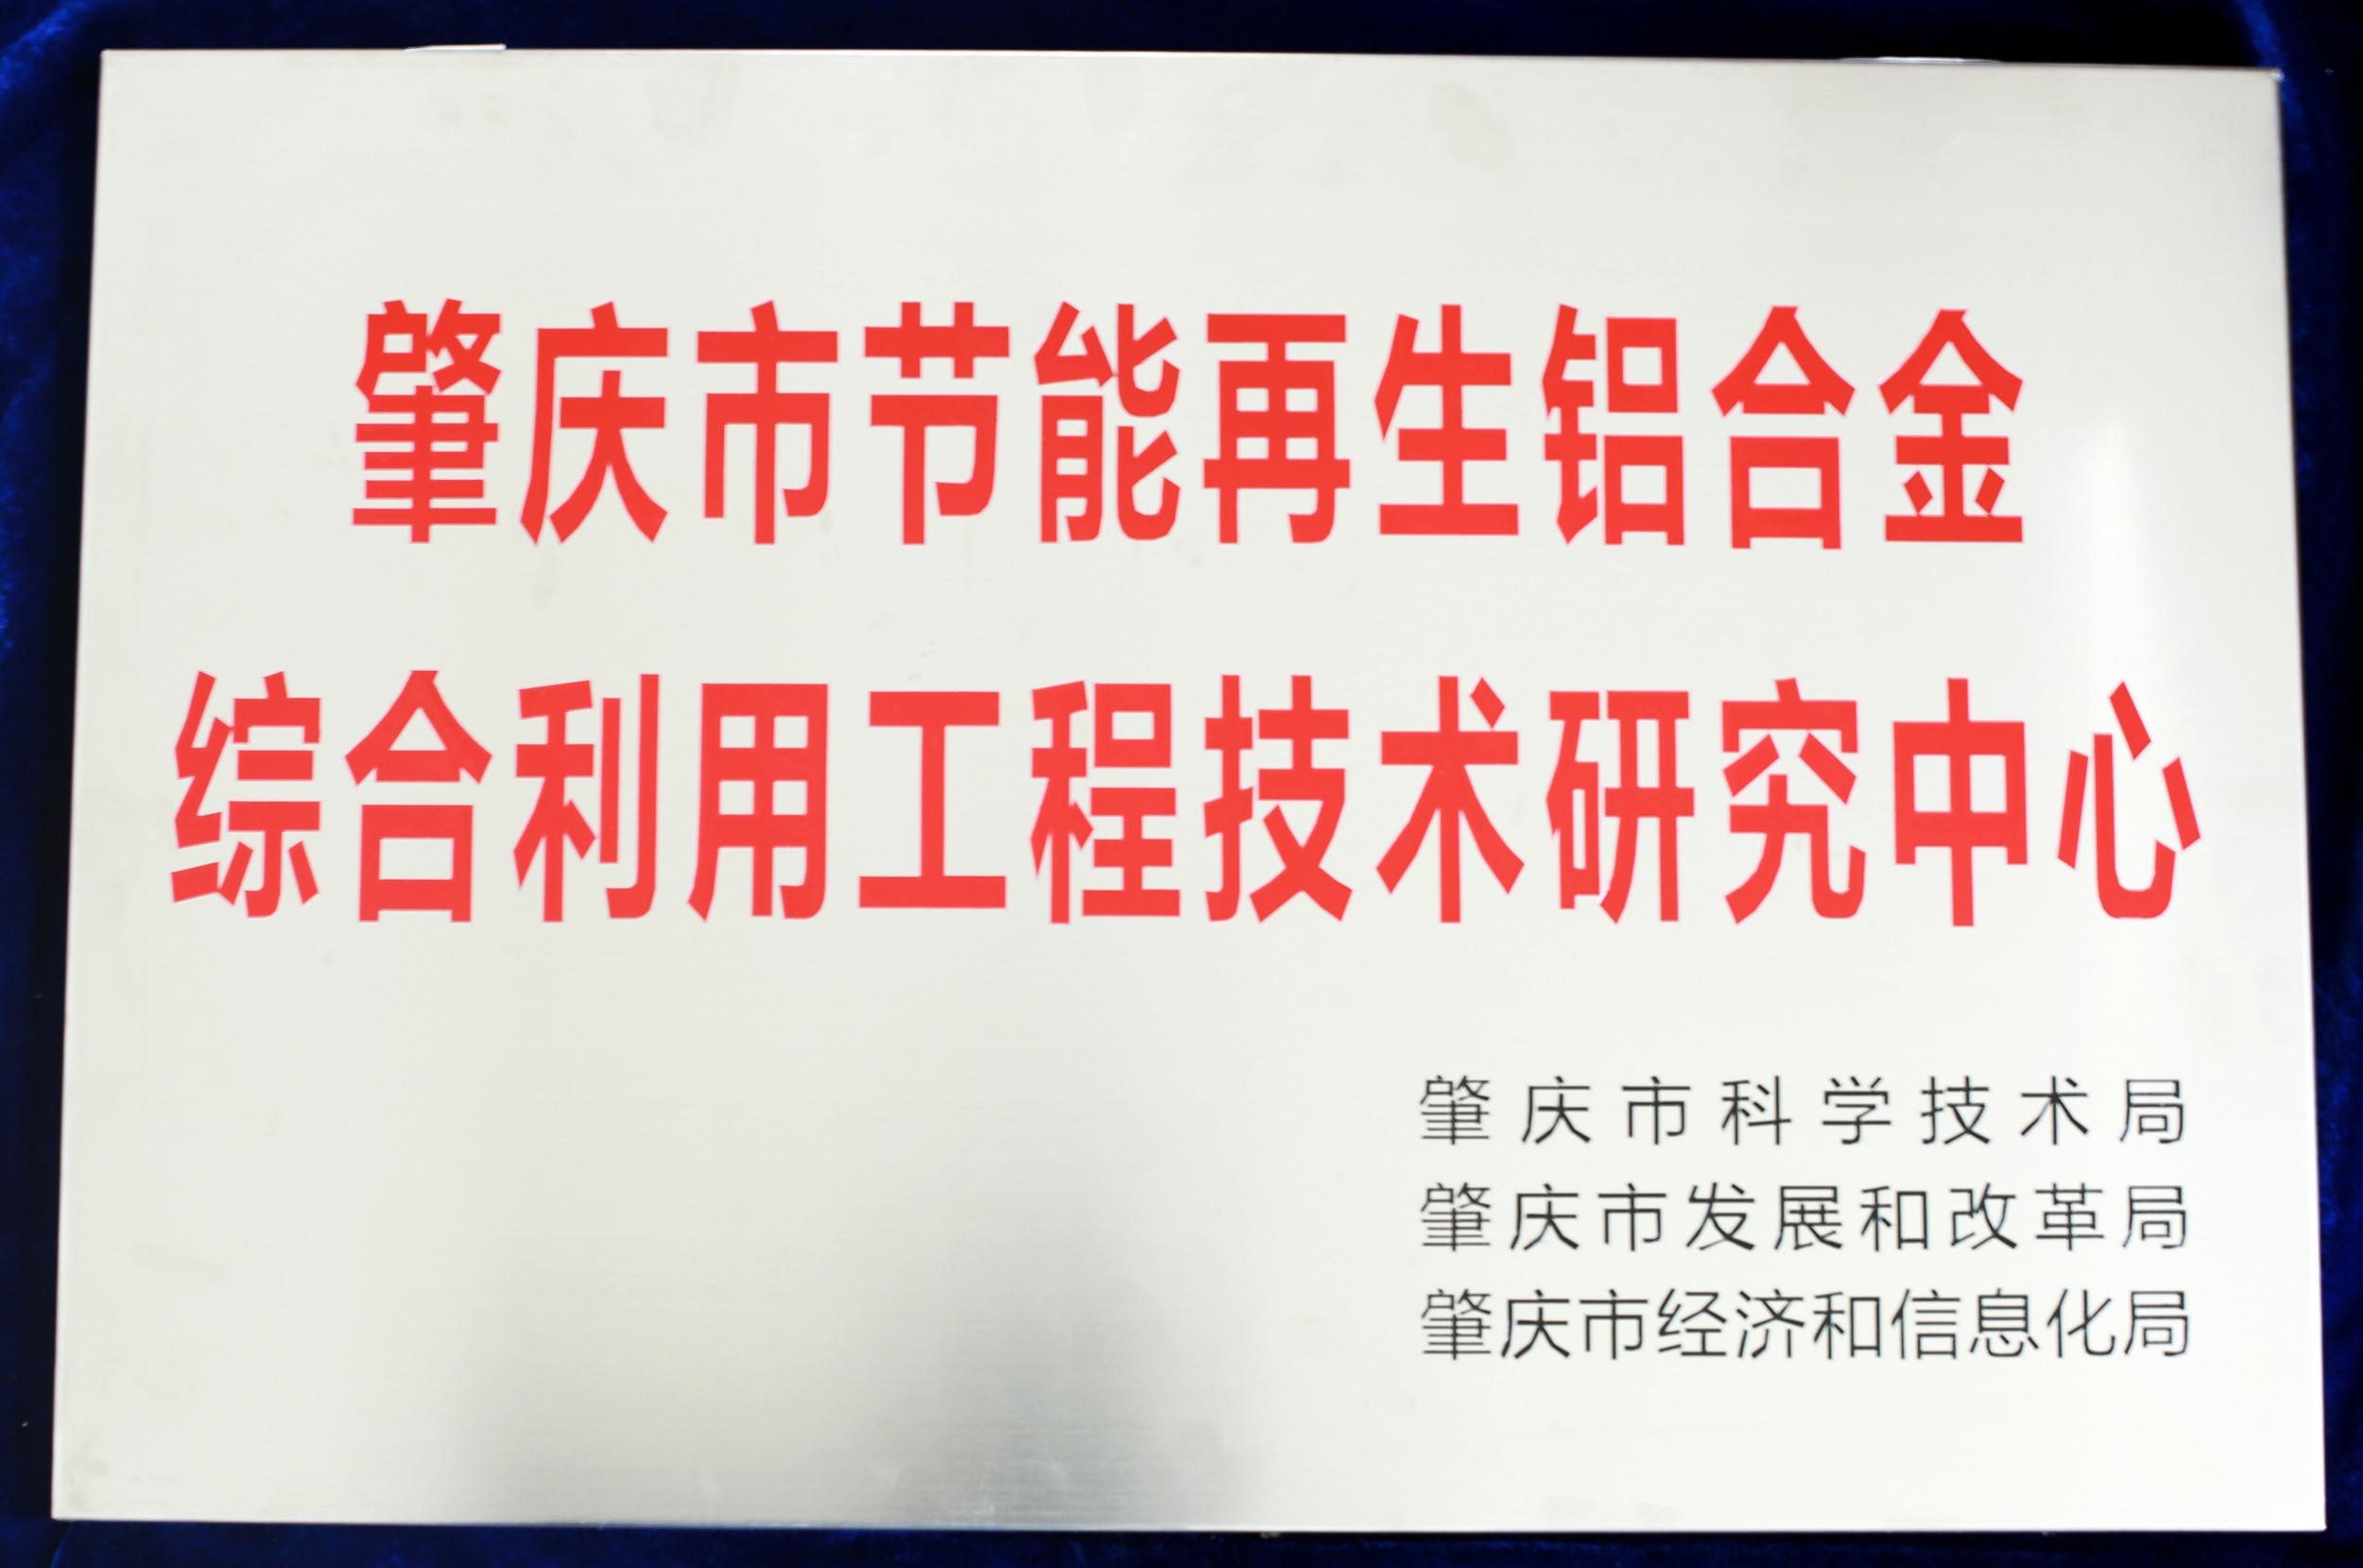 肇庆市节能再生铝合金综合利用工程技术研究中心